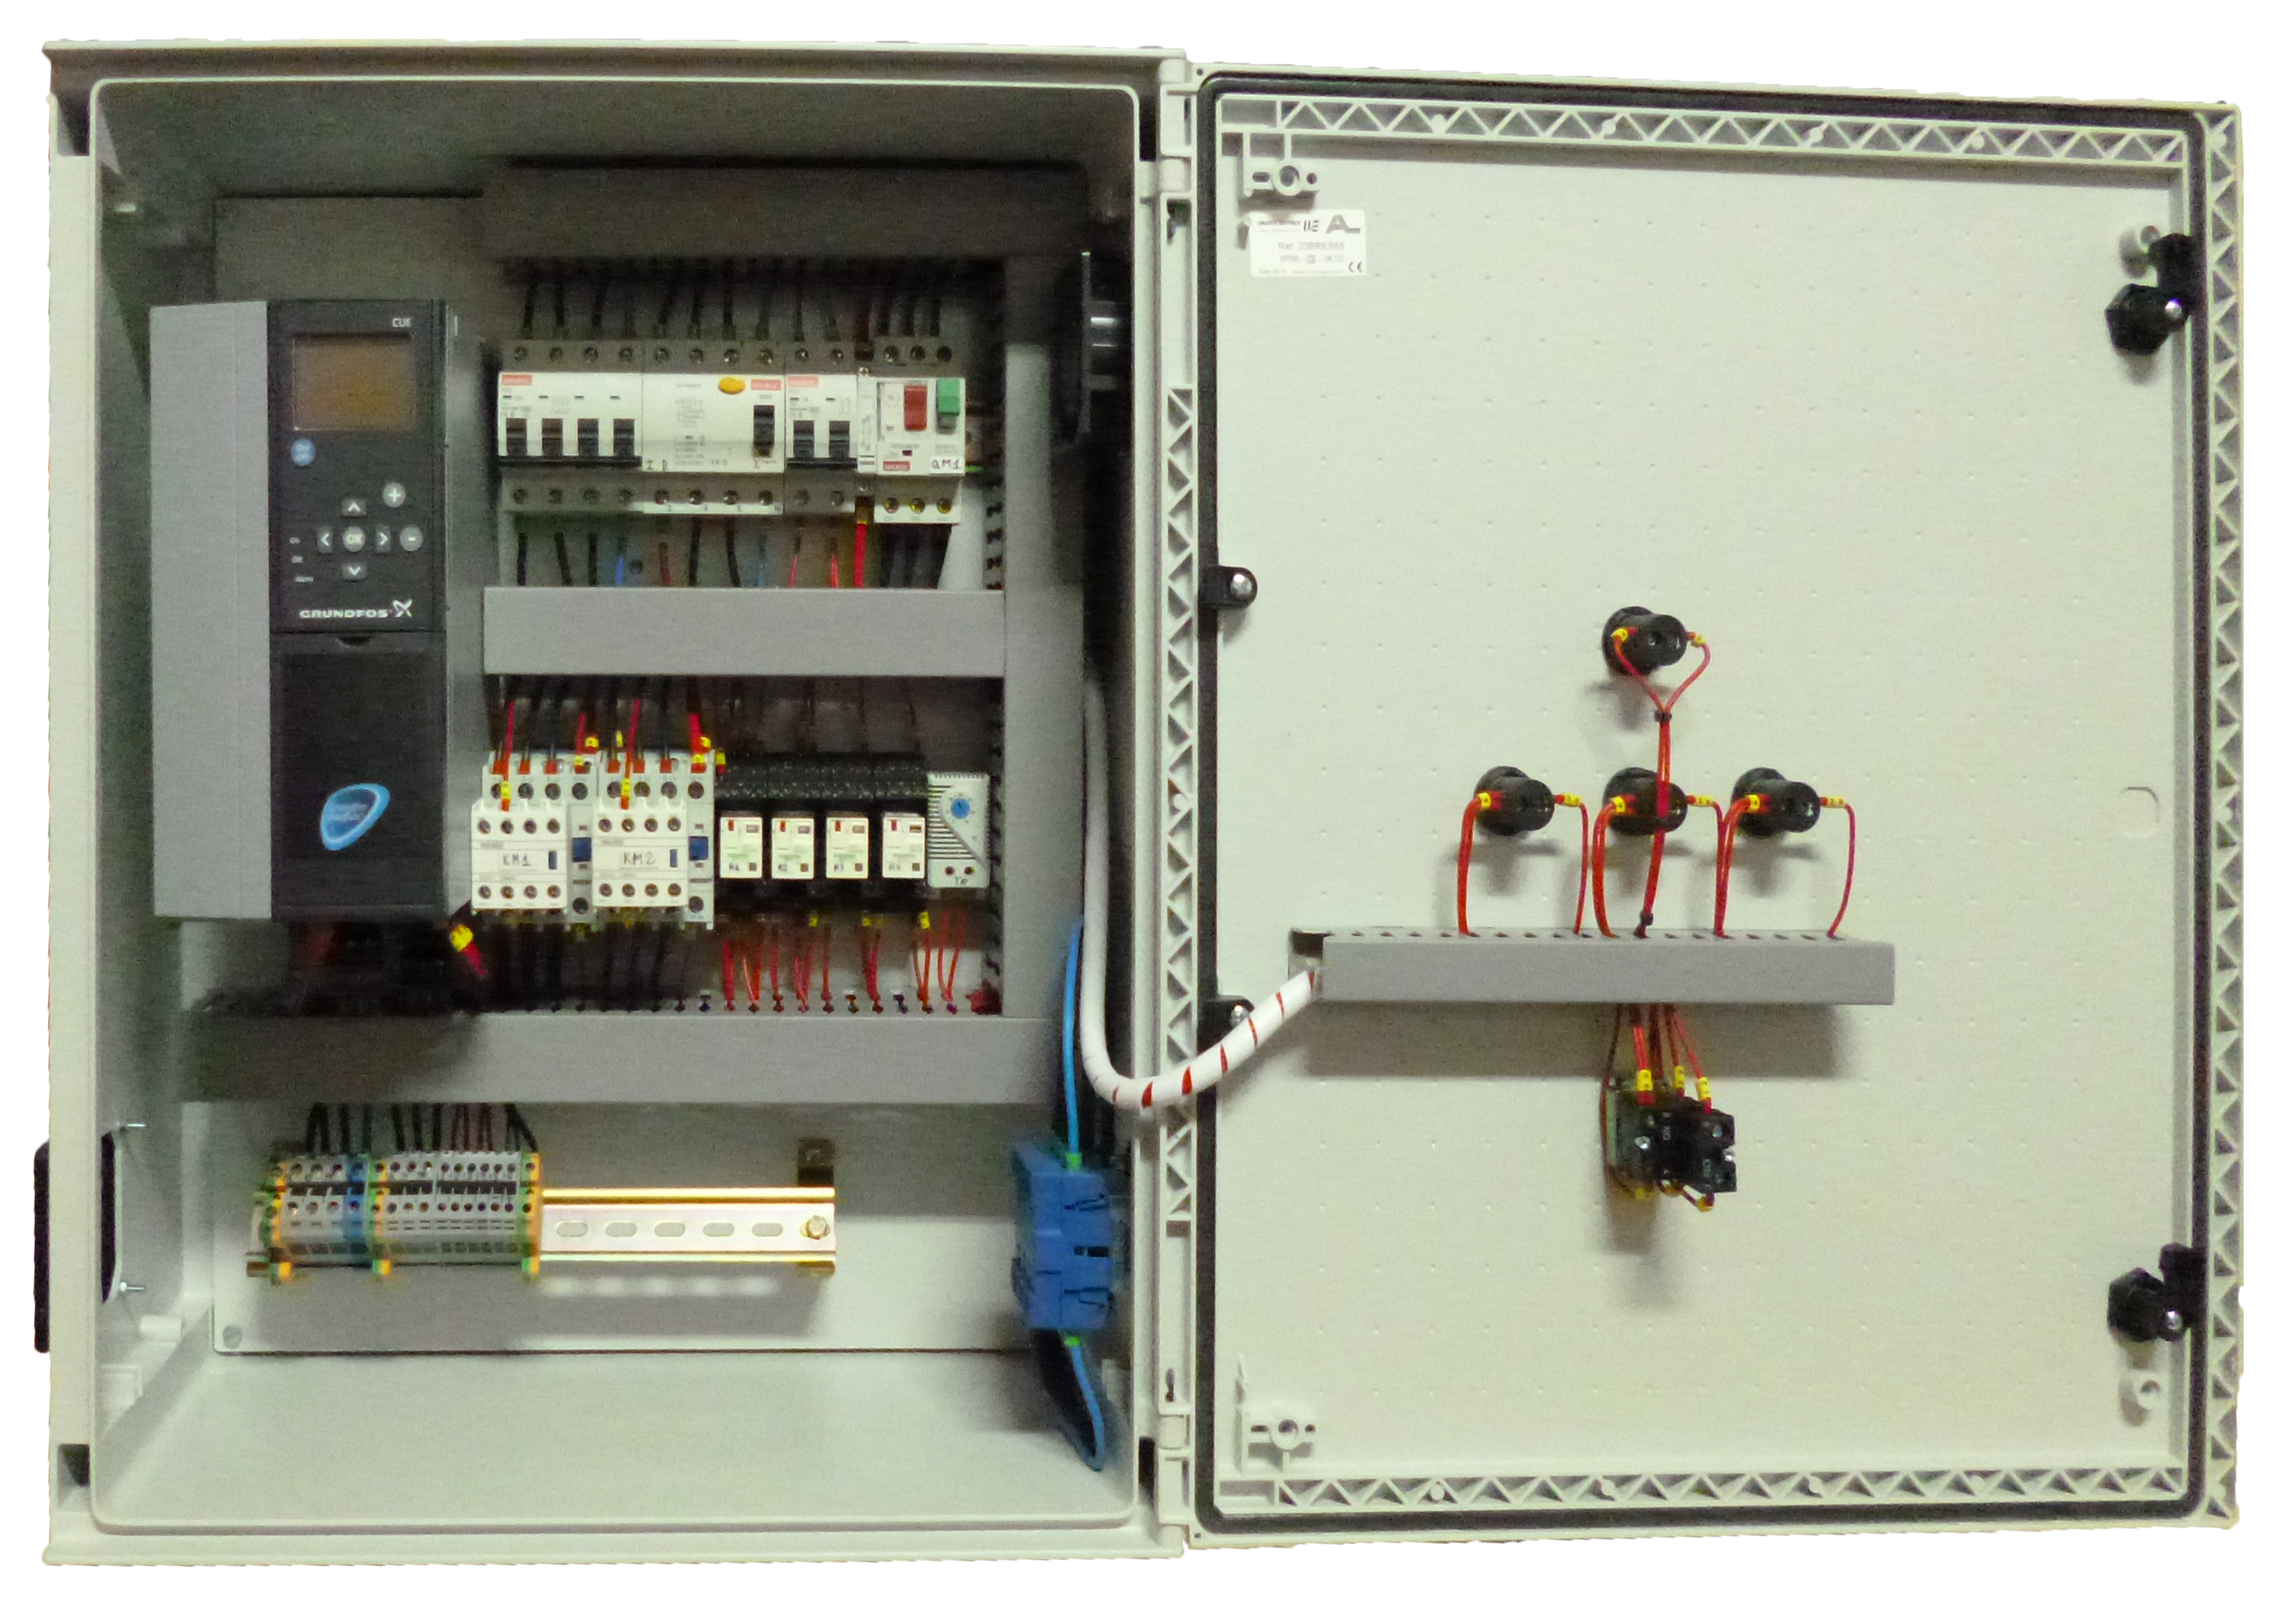 Cuadro Elctrico En Armario De Polister Para 1 Motobomba Trifsica Detectors Gt Various Circuits Power Loss Detector L11996 Nextgr A 400vca Funcionamiento Automtico